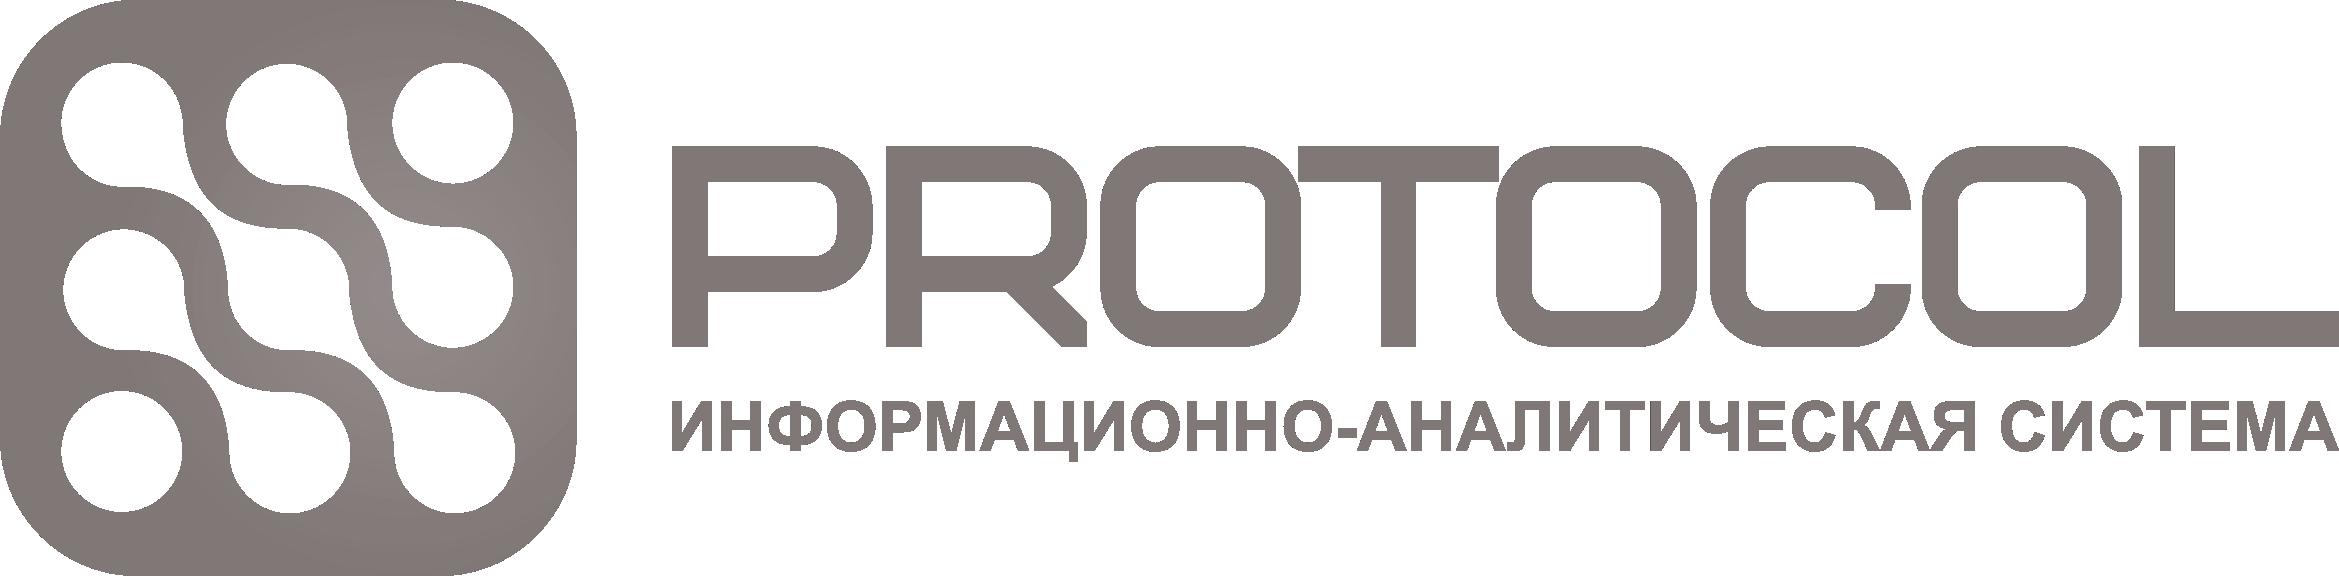 Информационно-аналитическая система Protocol